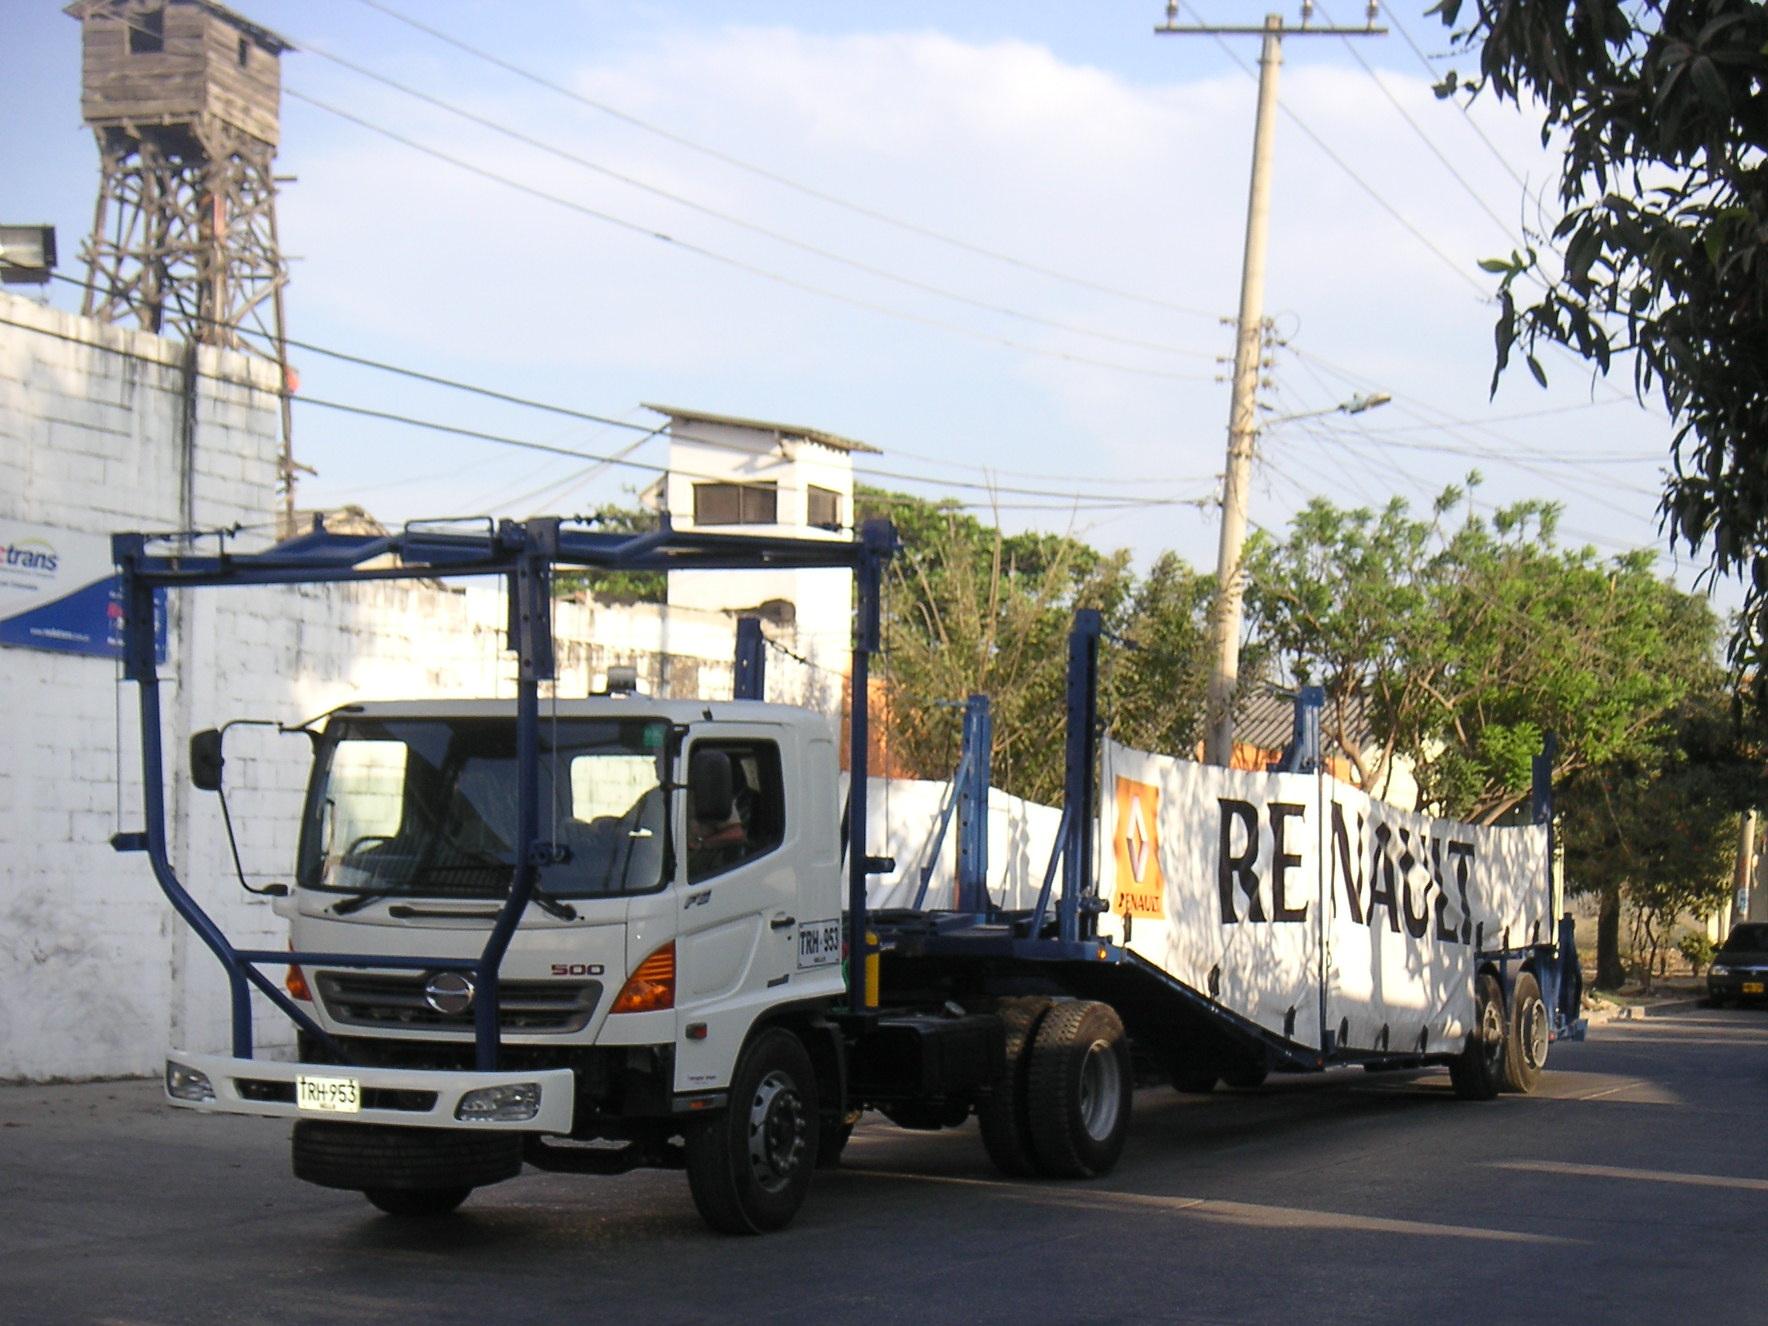 Niñeras para Transporte de Vehículos Renting Colombia, Sofasa -